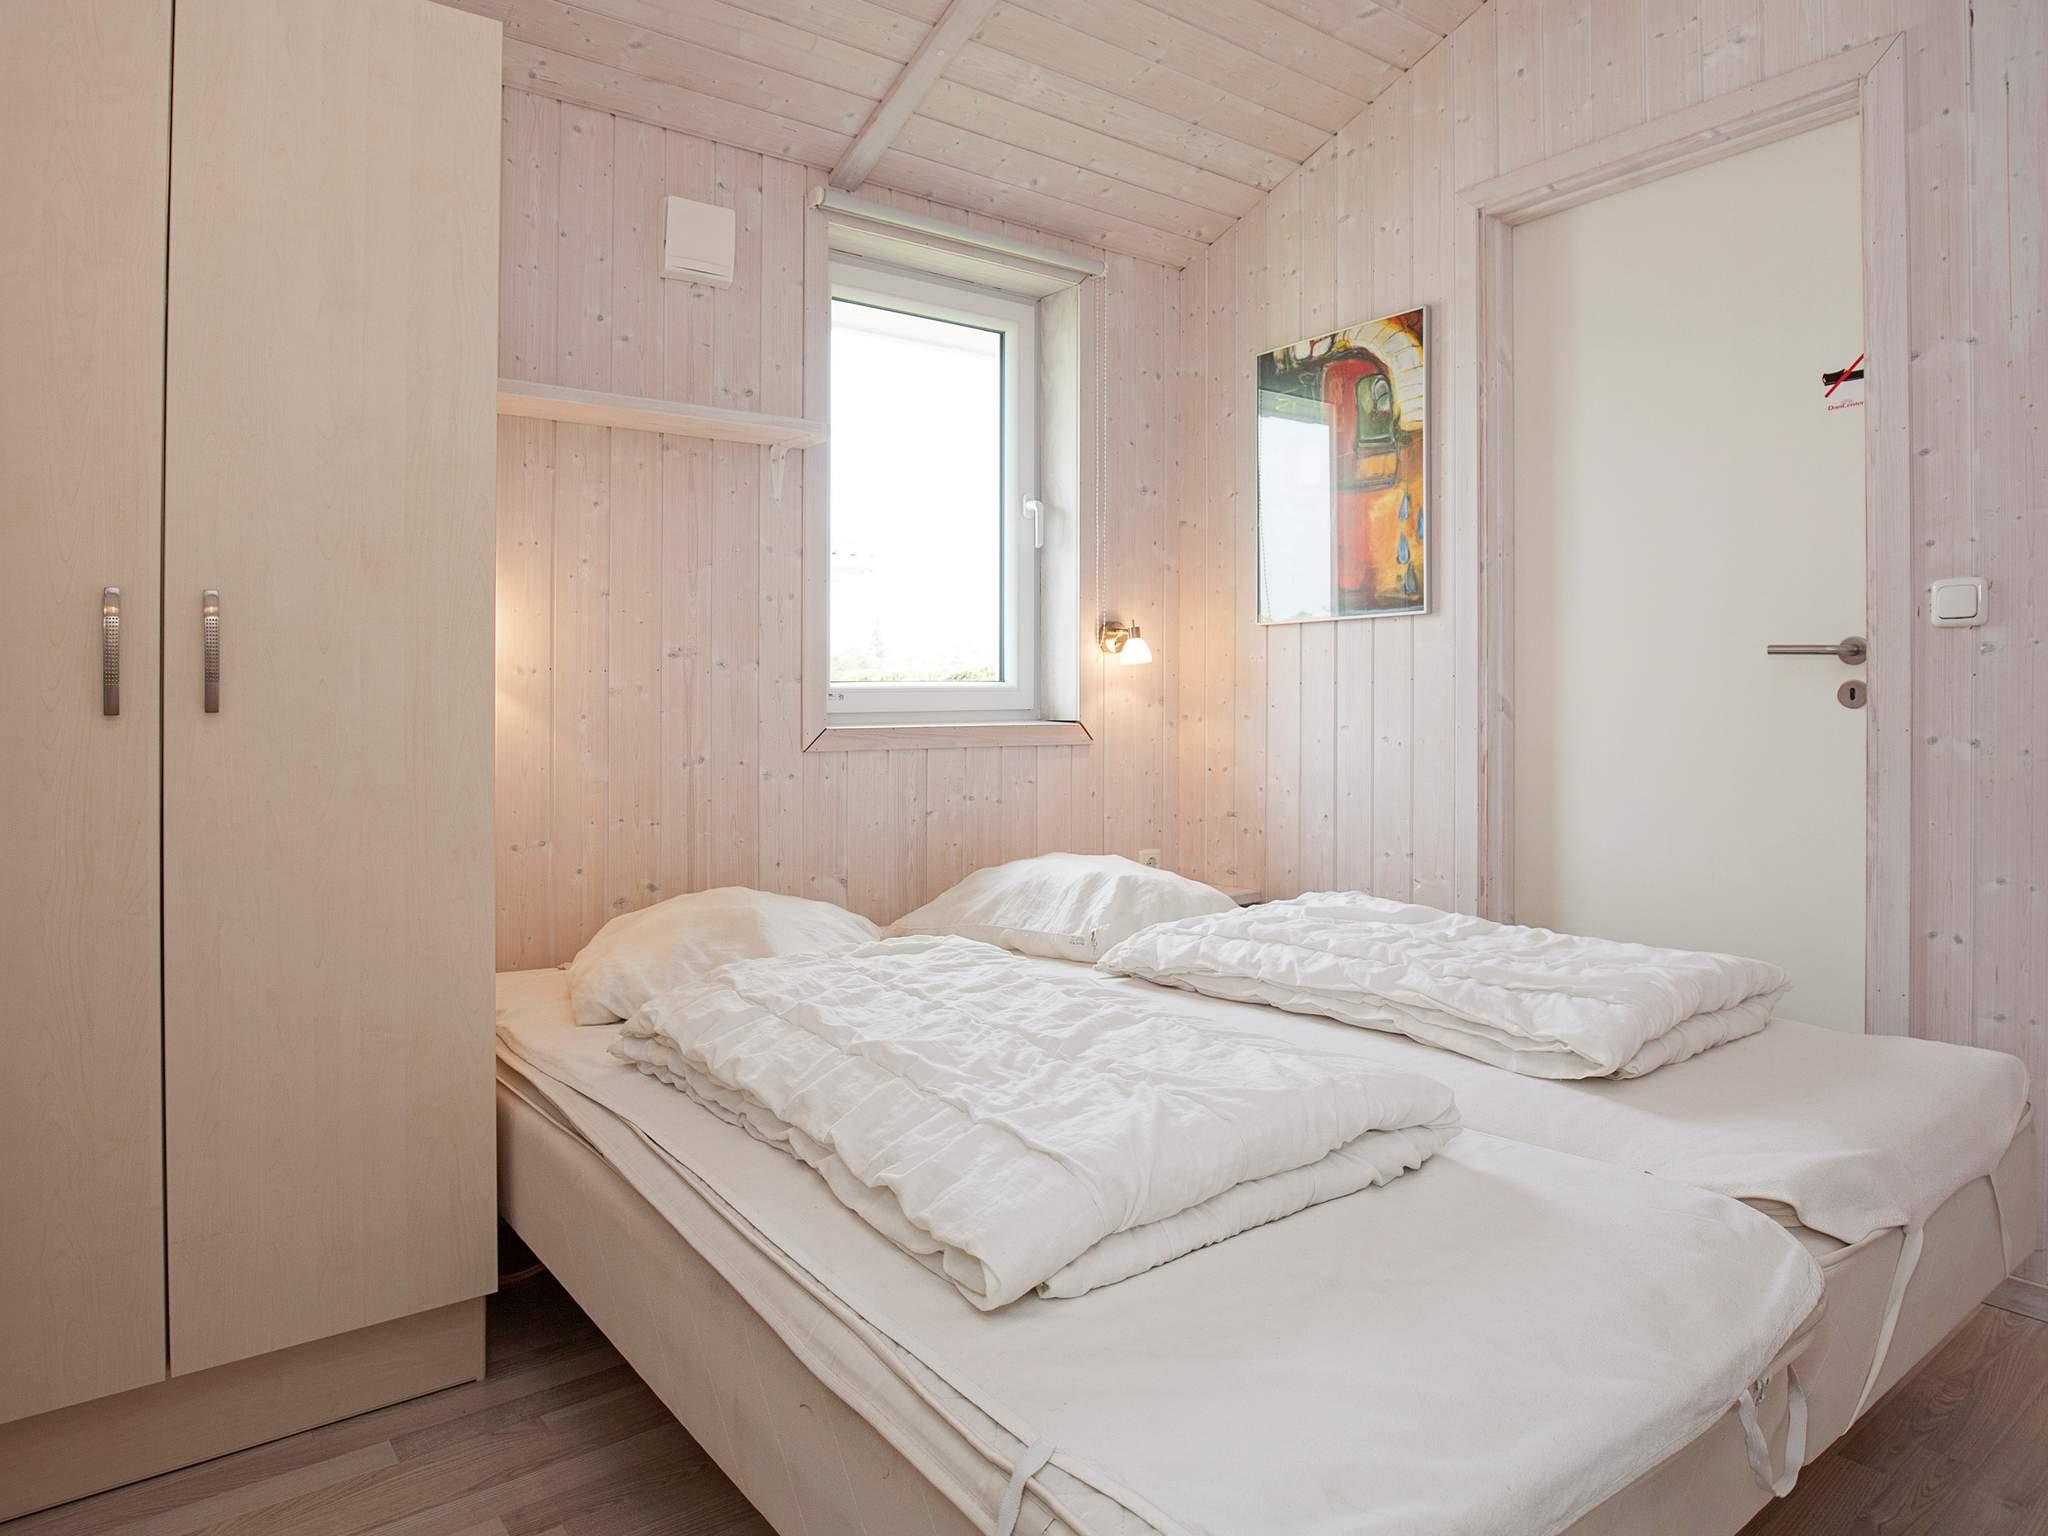 Maison de vacances Grömitz (436444), Grömitz, Baie de Lübeck, Schleswig-Holstein, Allemagne, image 7